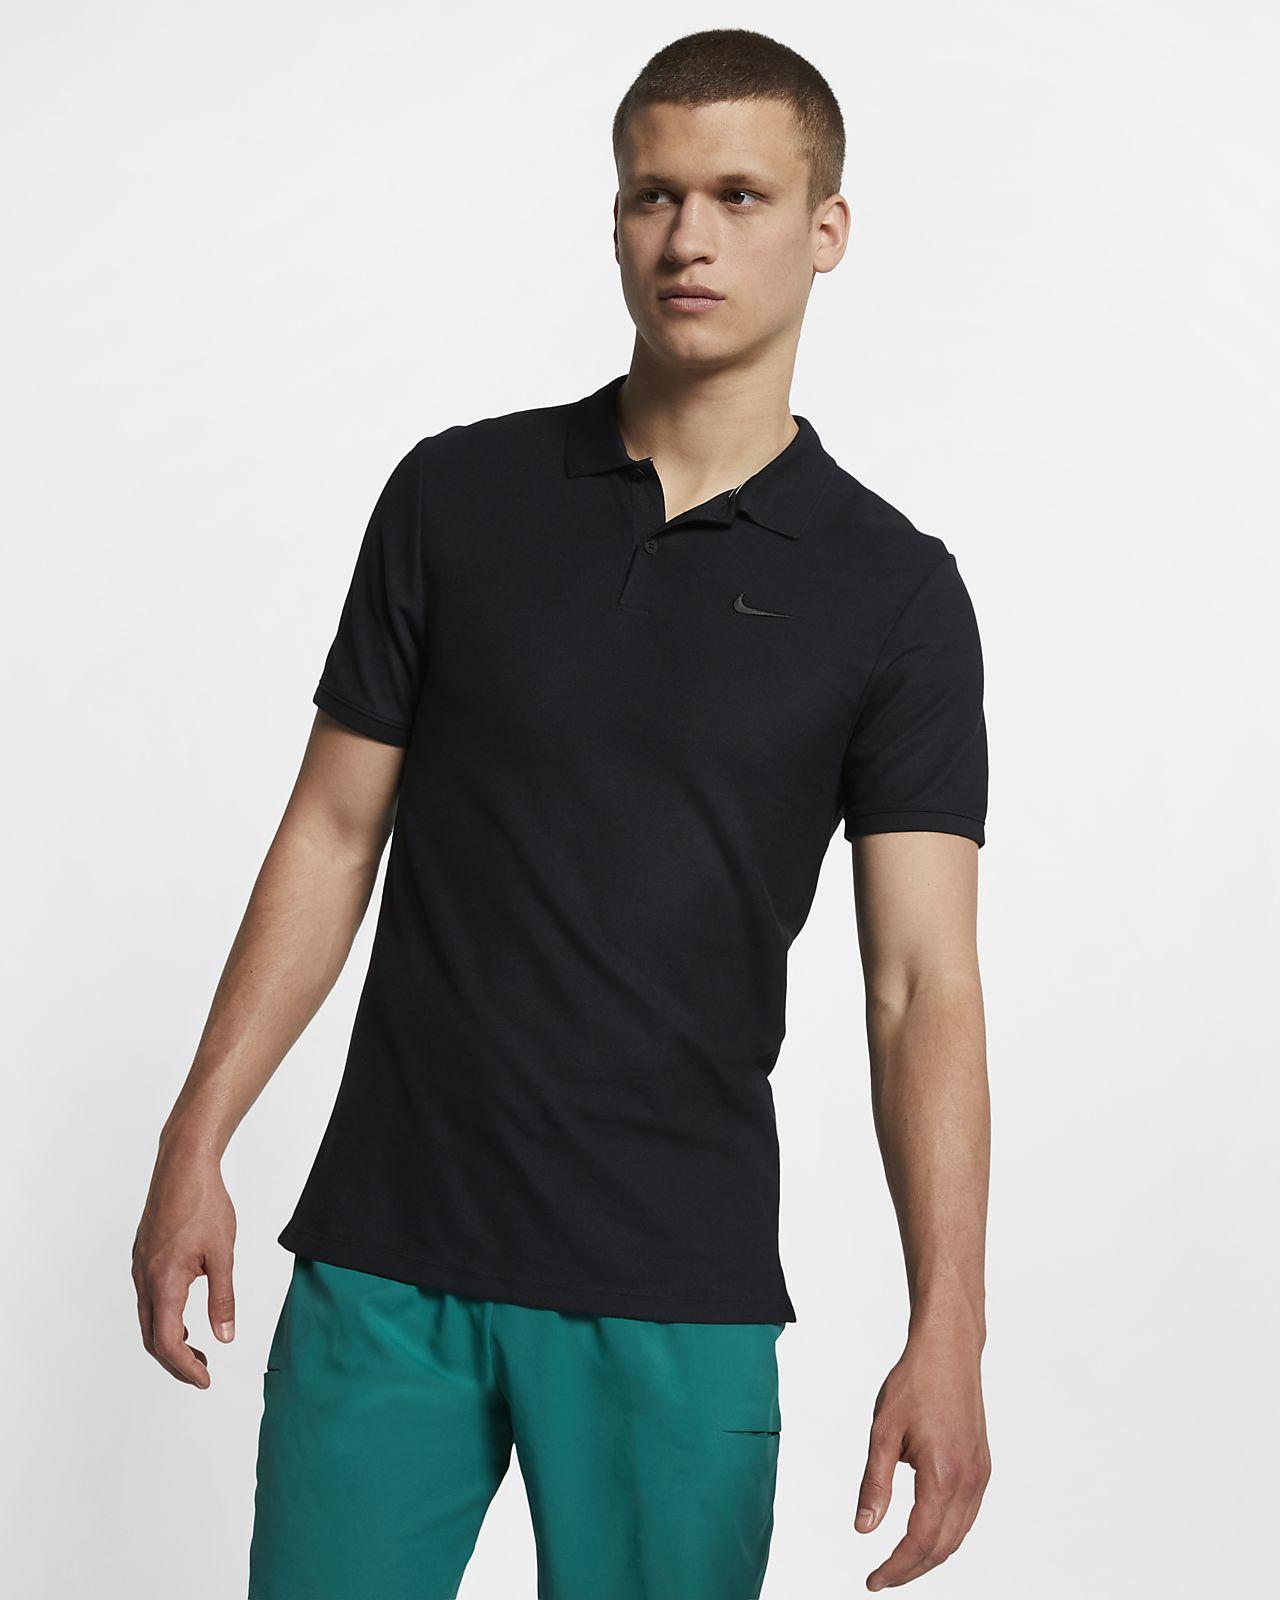 f3ac2f84f6 Low Resolution NikeCourt Advantage férfi teniszpóló NikeCourt Advantage  férfi teniszpóló